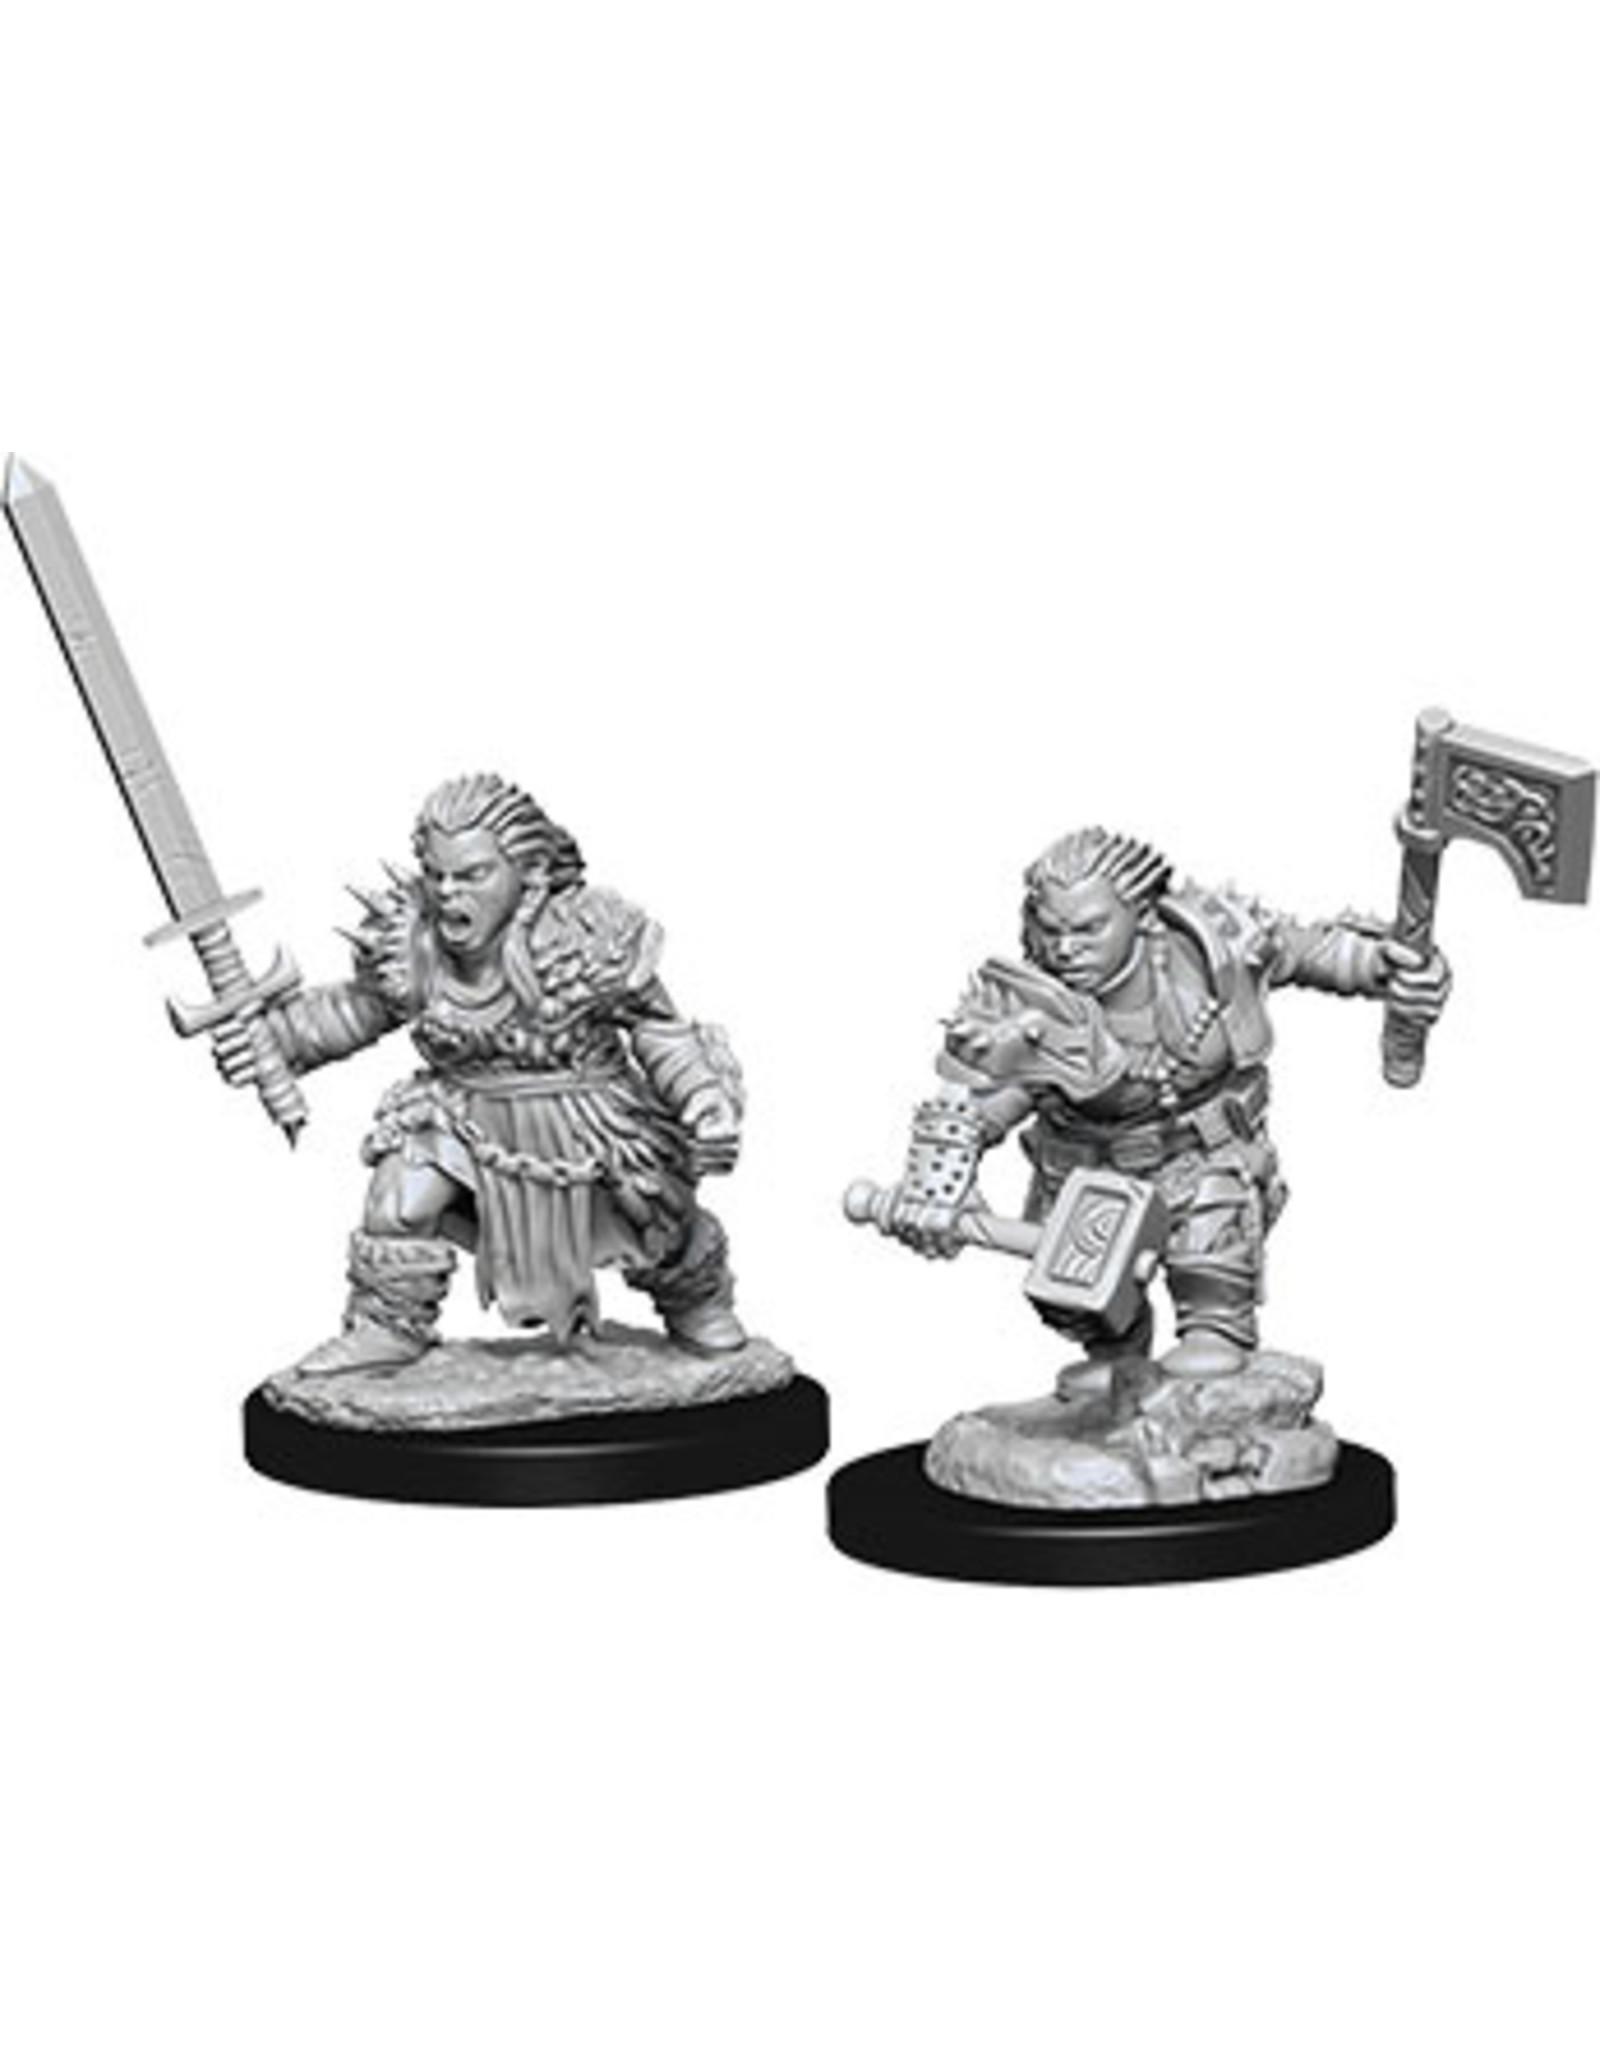 Wiz Kids Pathfinder DUM: W8 Dwarf Female Barbarian